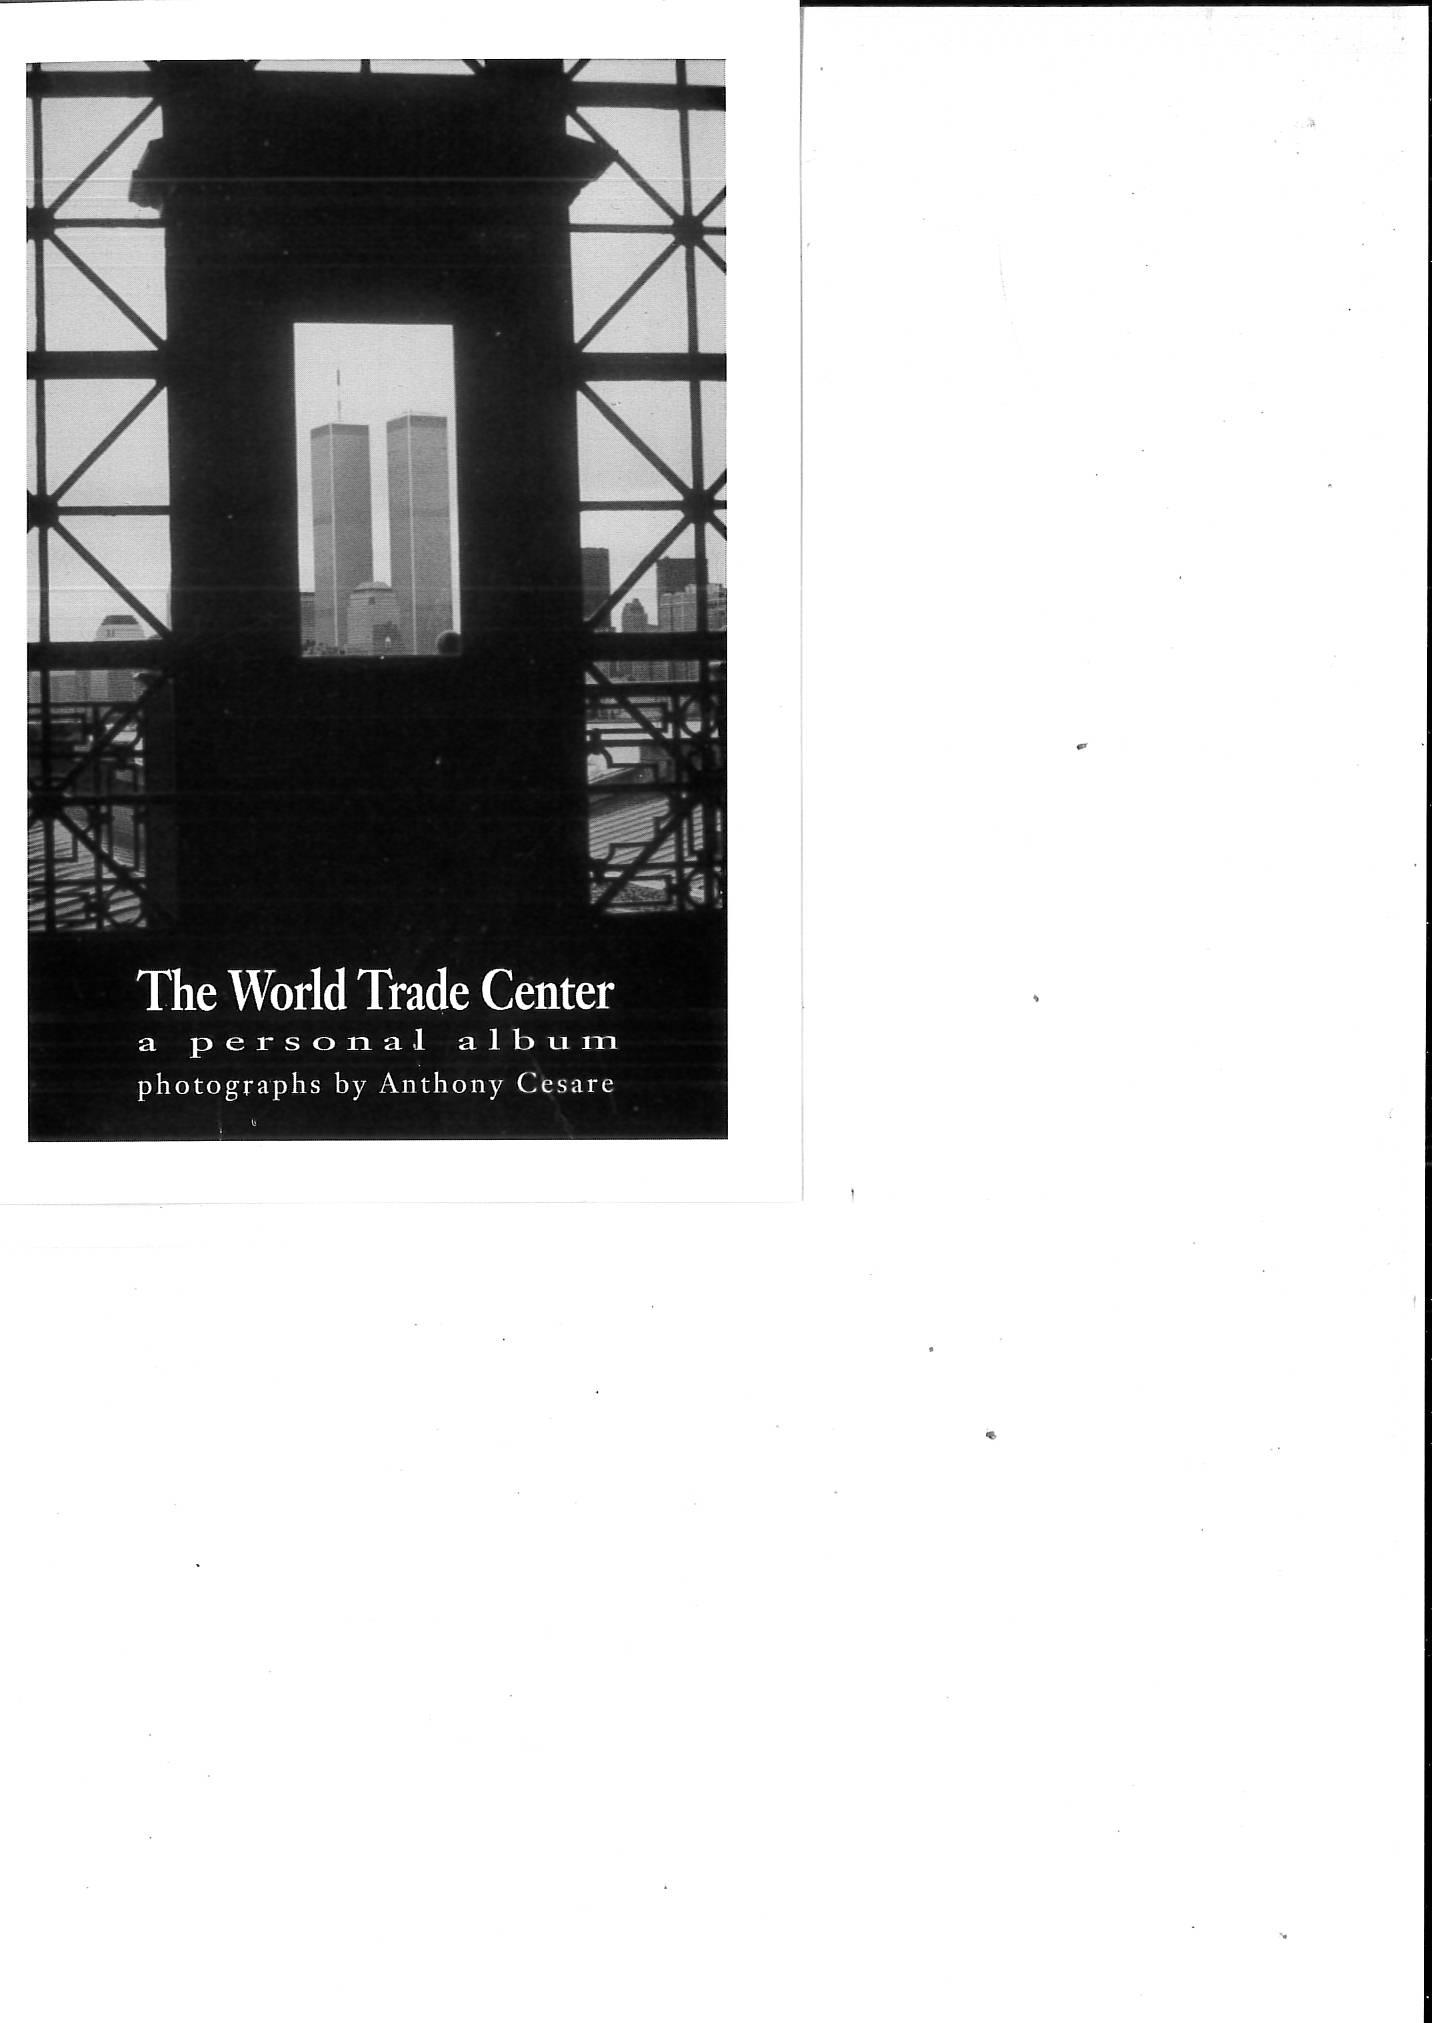 owap exhibit of tony cesare's photos of WTC postcard intro.jpg